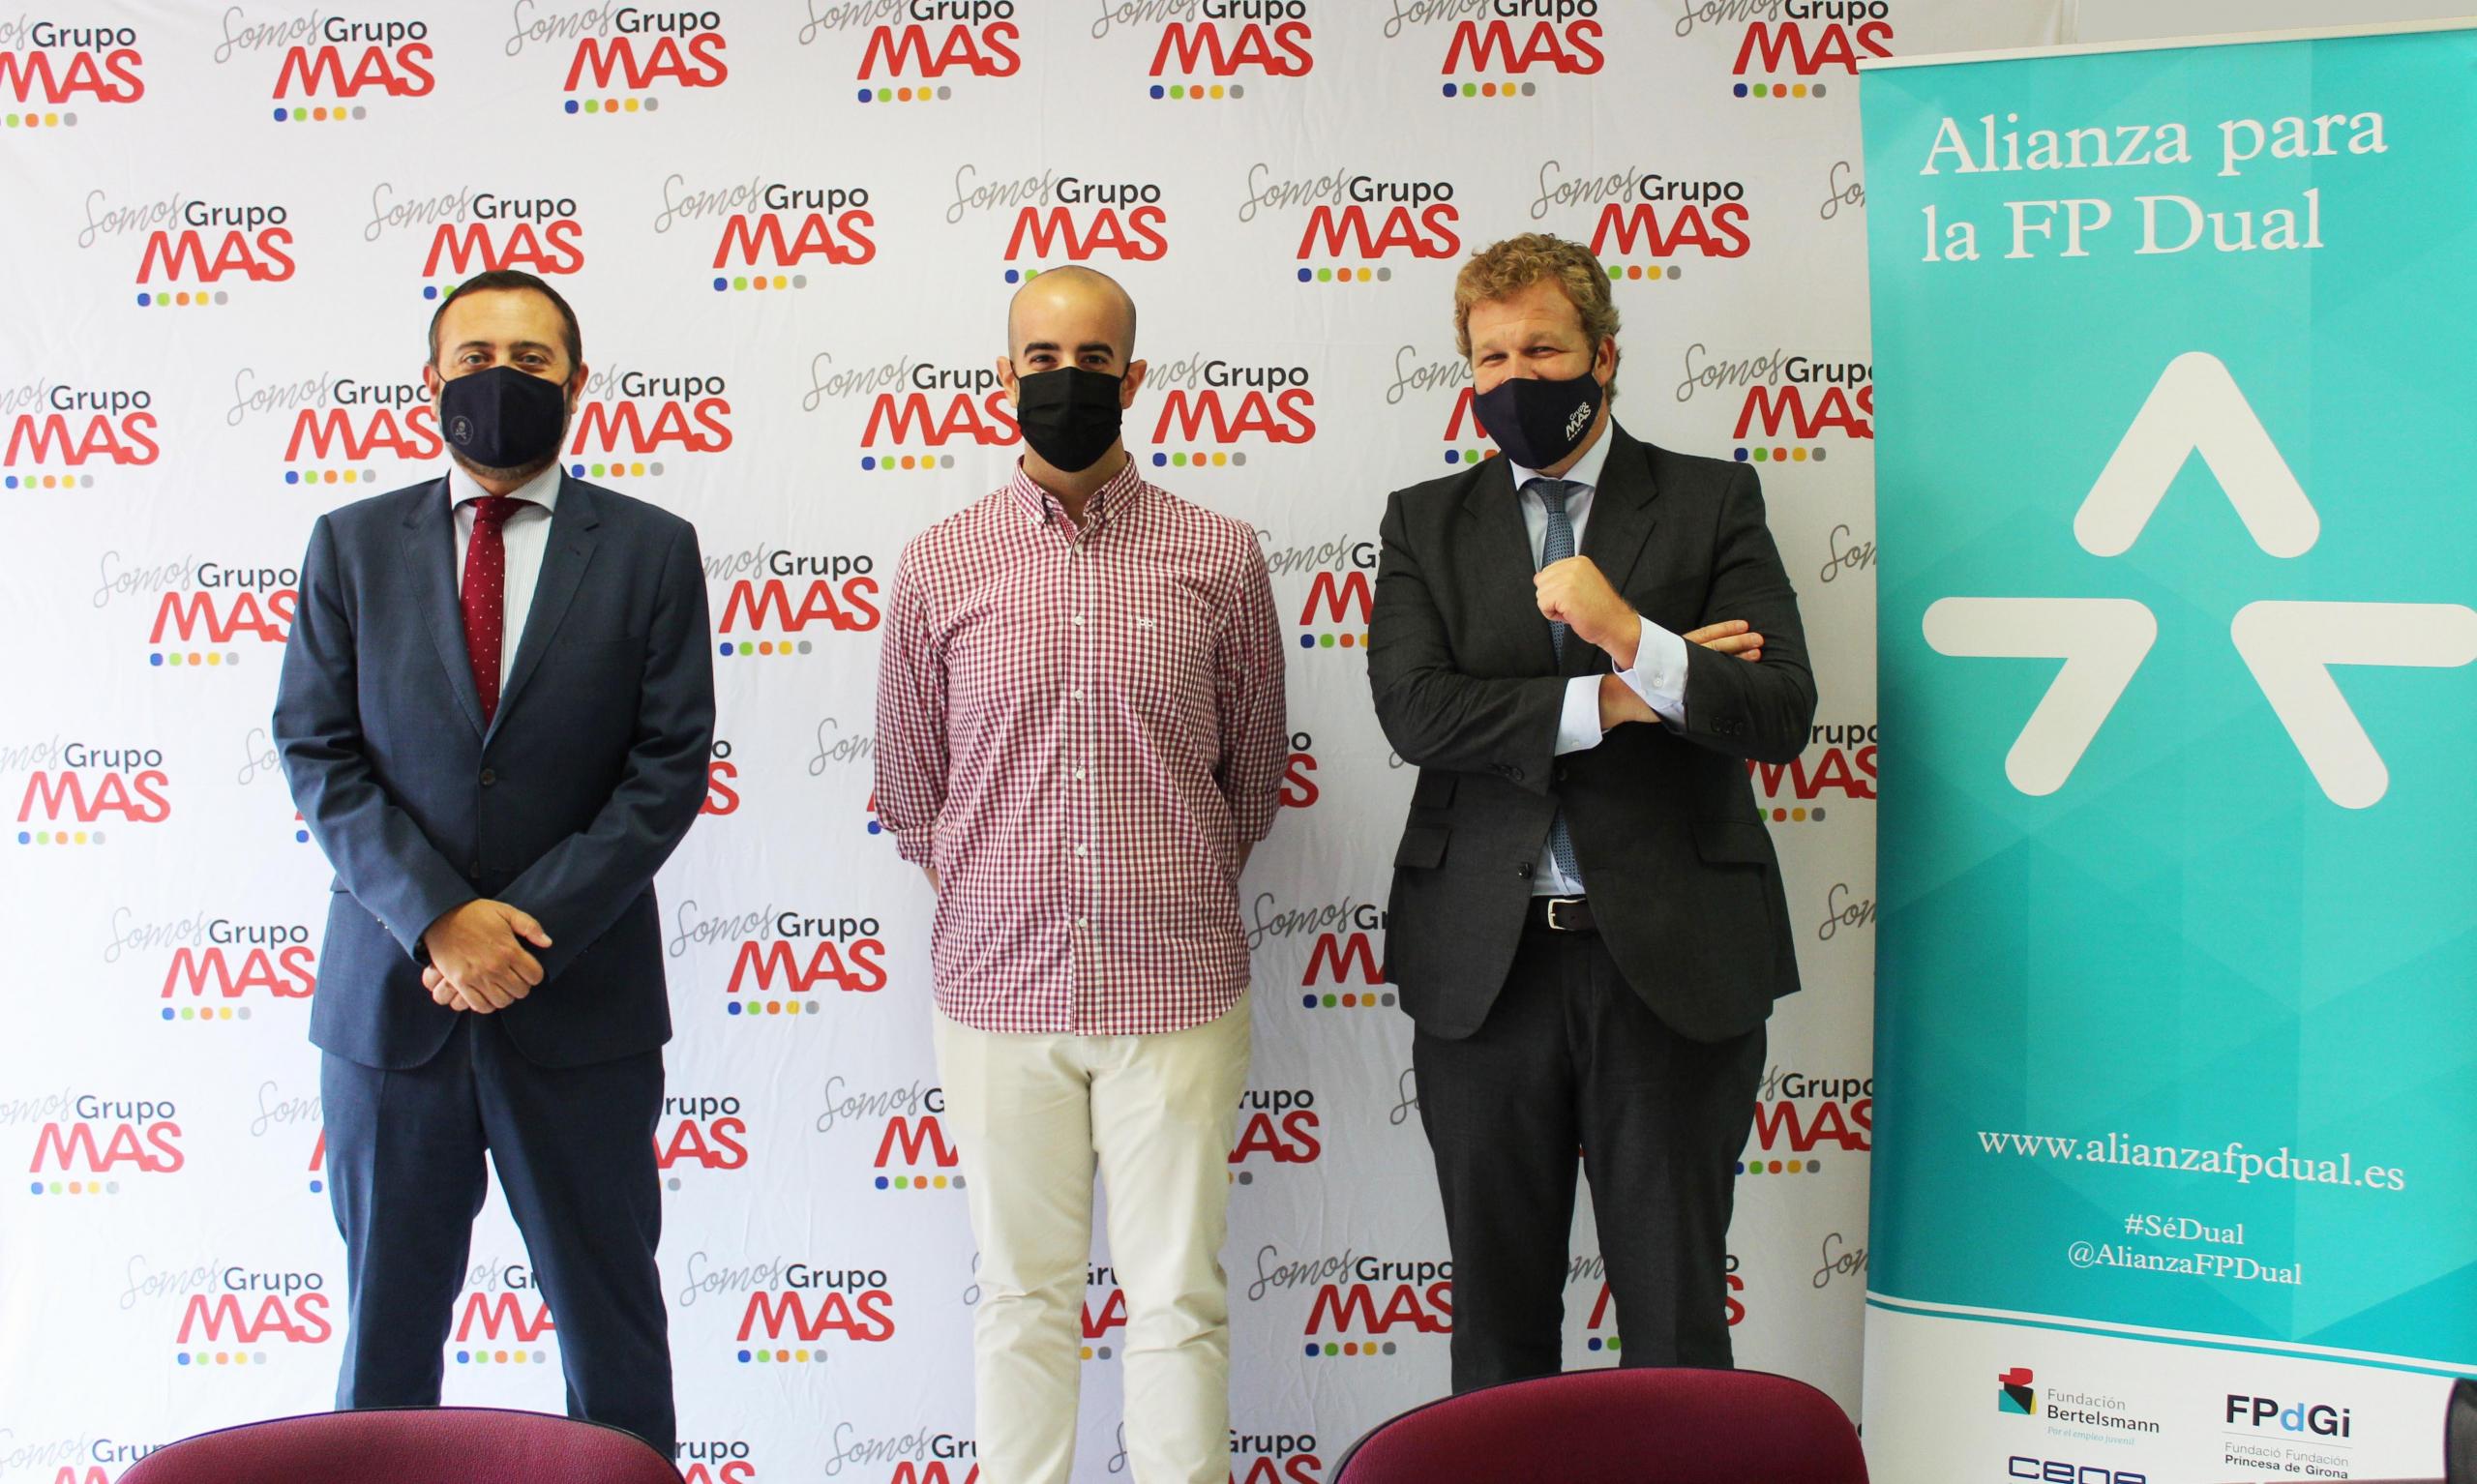 Ignacio de Benito y Jerónimo Martín junto a David Moya, alumno de FP Dual en Grupo MAS